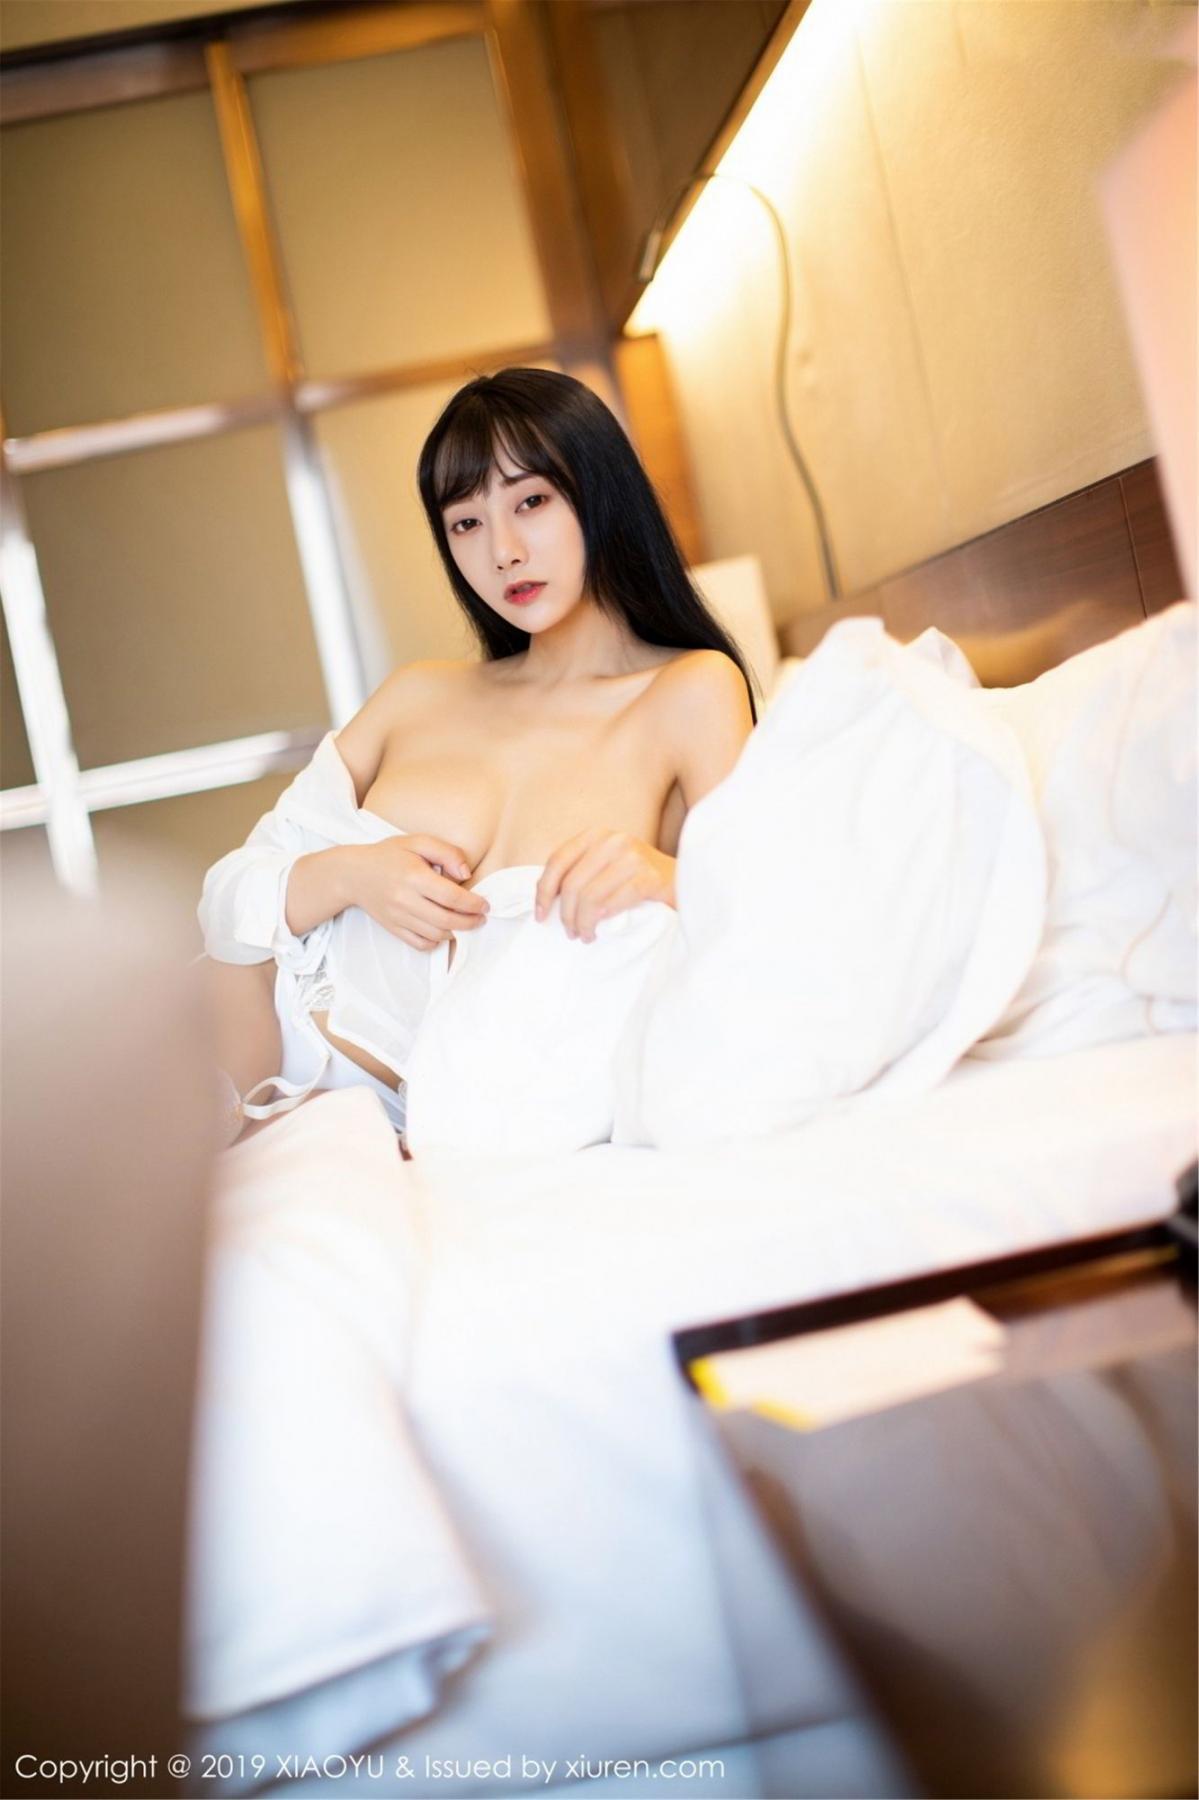 [XiaoYu] Vol.076 He Jia Ying 26P, He Jia Ying, Underwear, XiaoYu